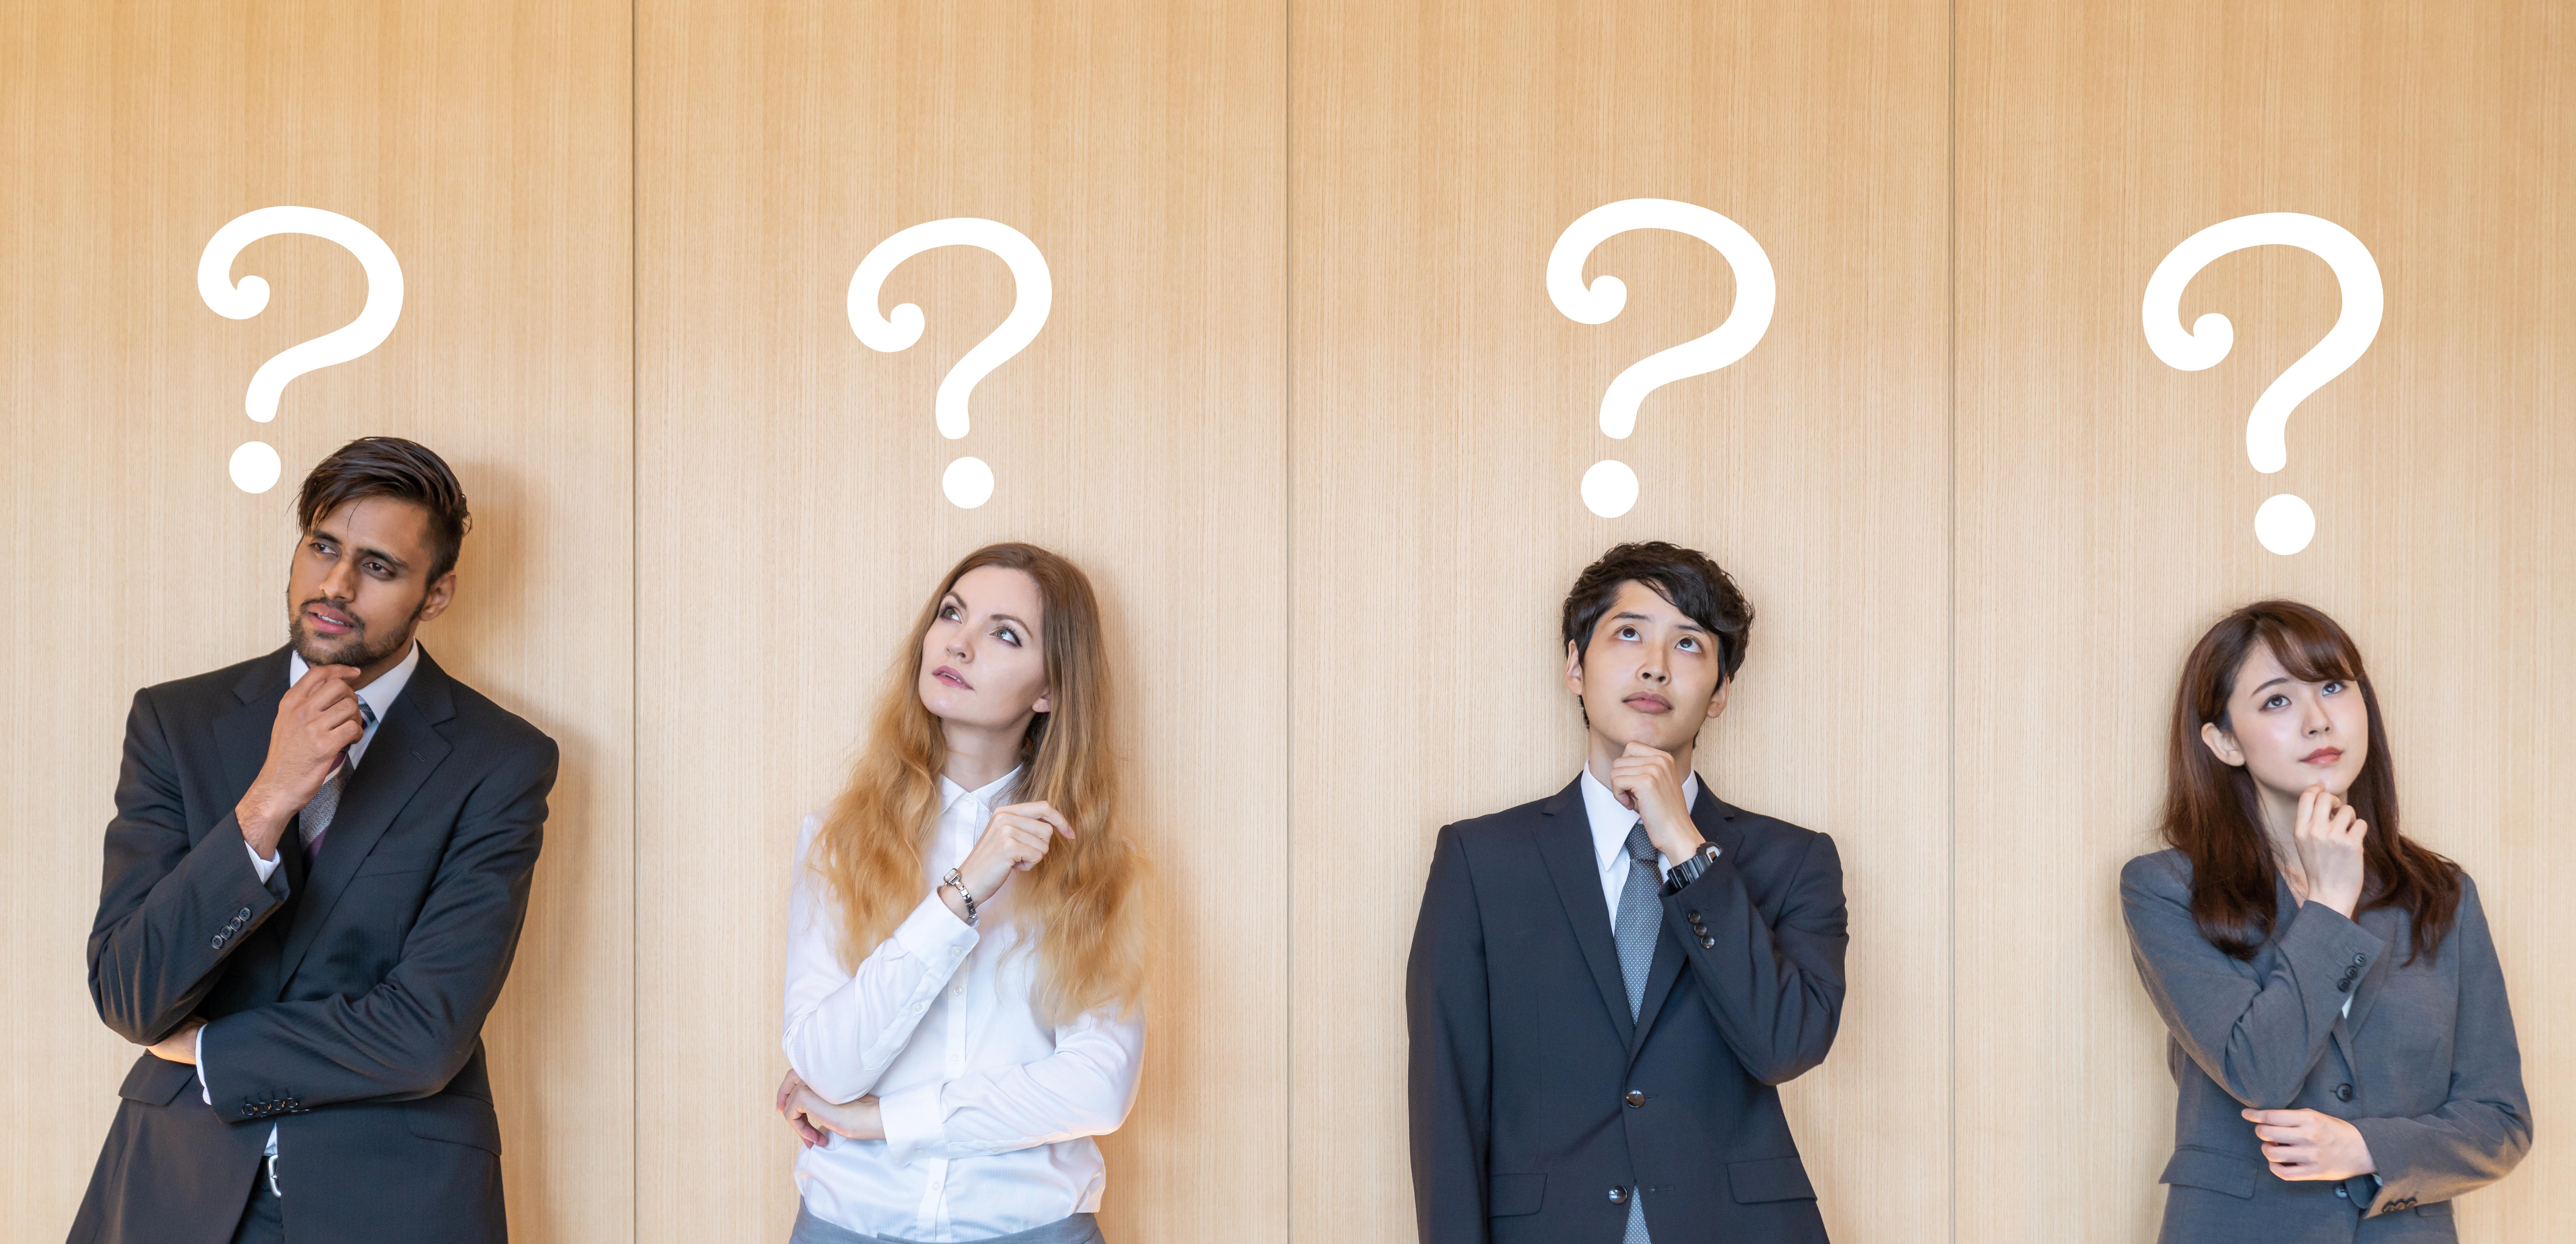 Badanie kalprotektyny – najczęściej zadawane pytania cz. 1 [wideo]